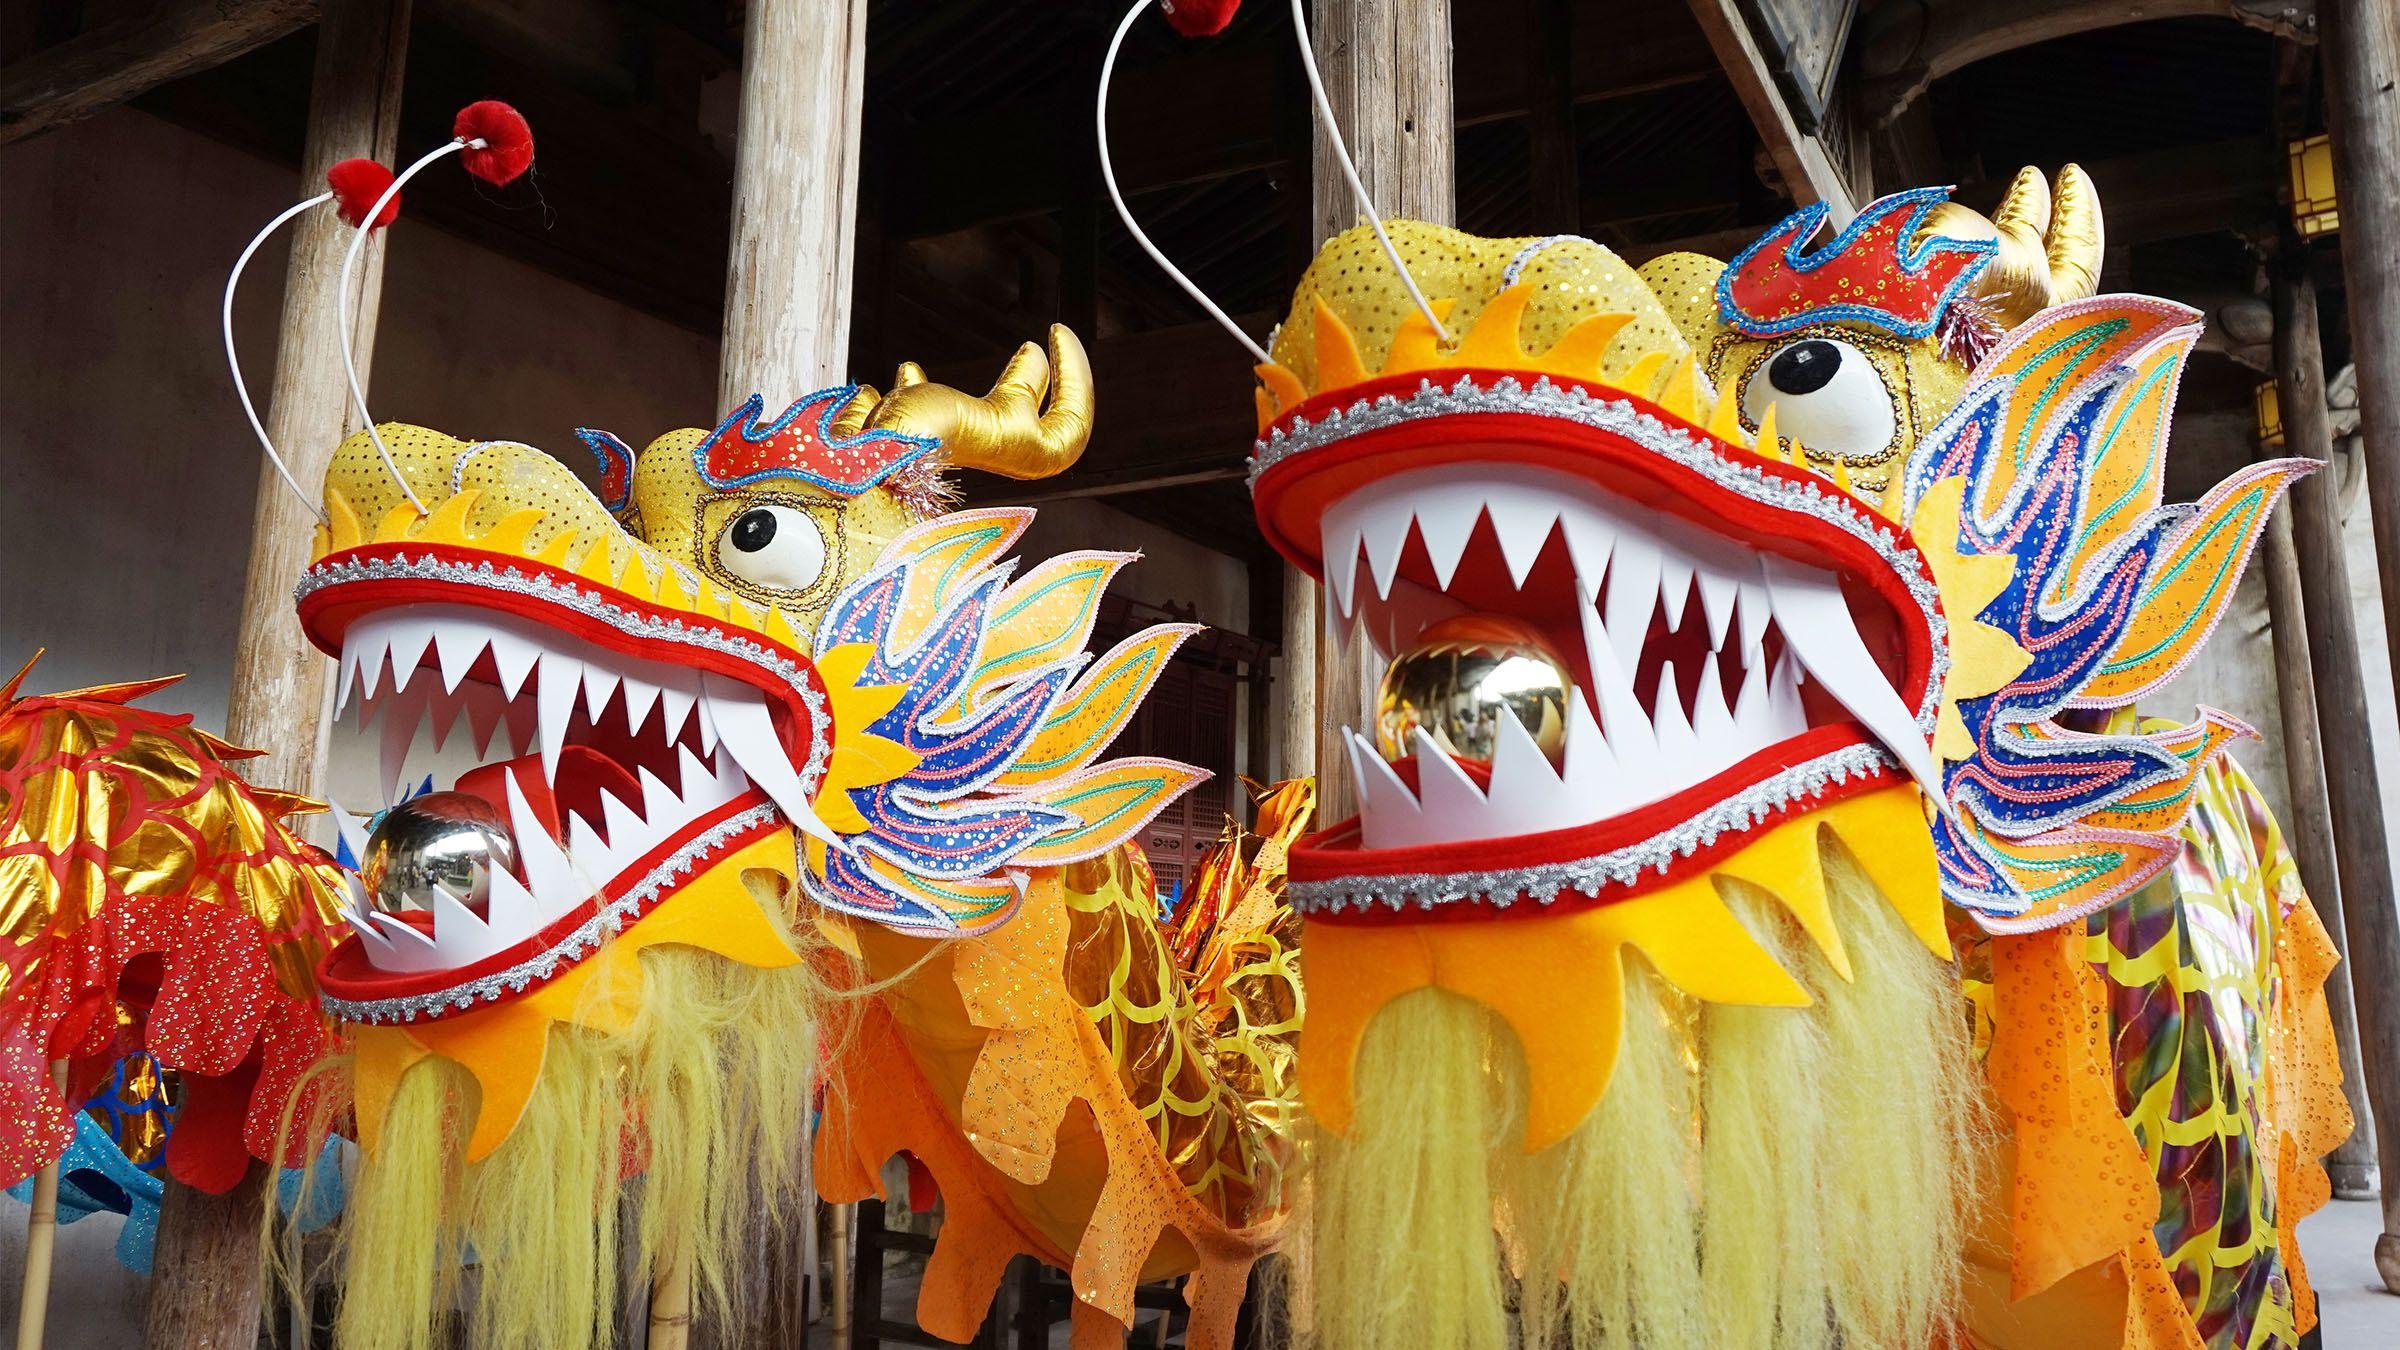 Disfraz que se lleva durante el Baile del Dragón, en China ...